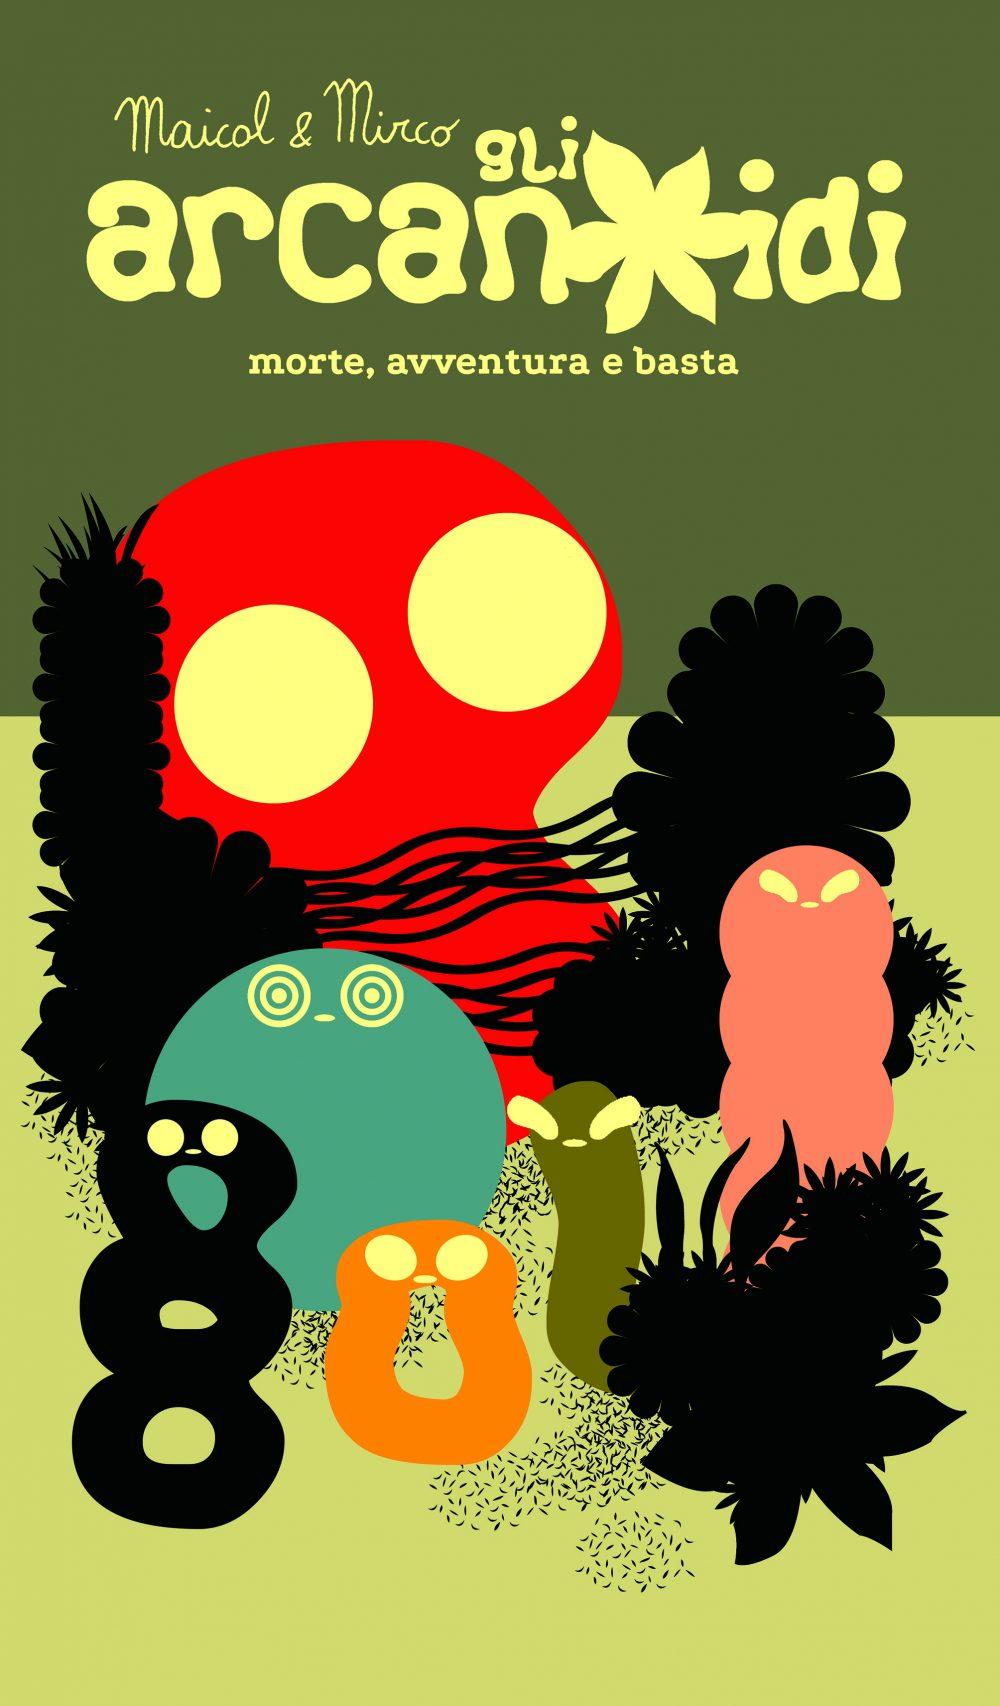 Gli Arcanoidi: morte, avventura e basta, copertina di Maicol & Mirco